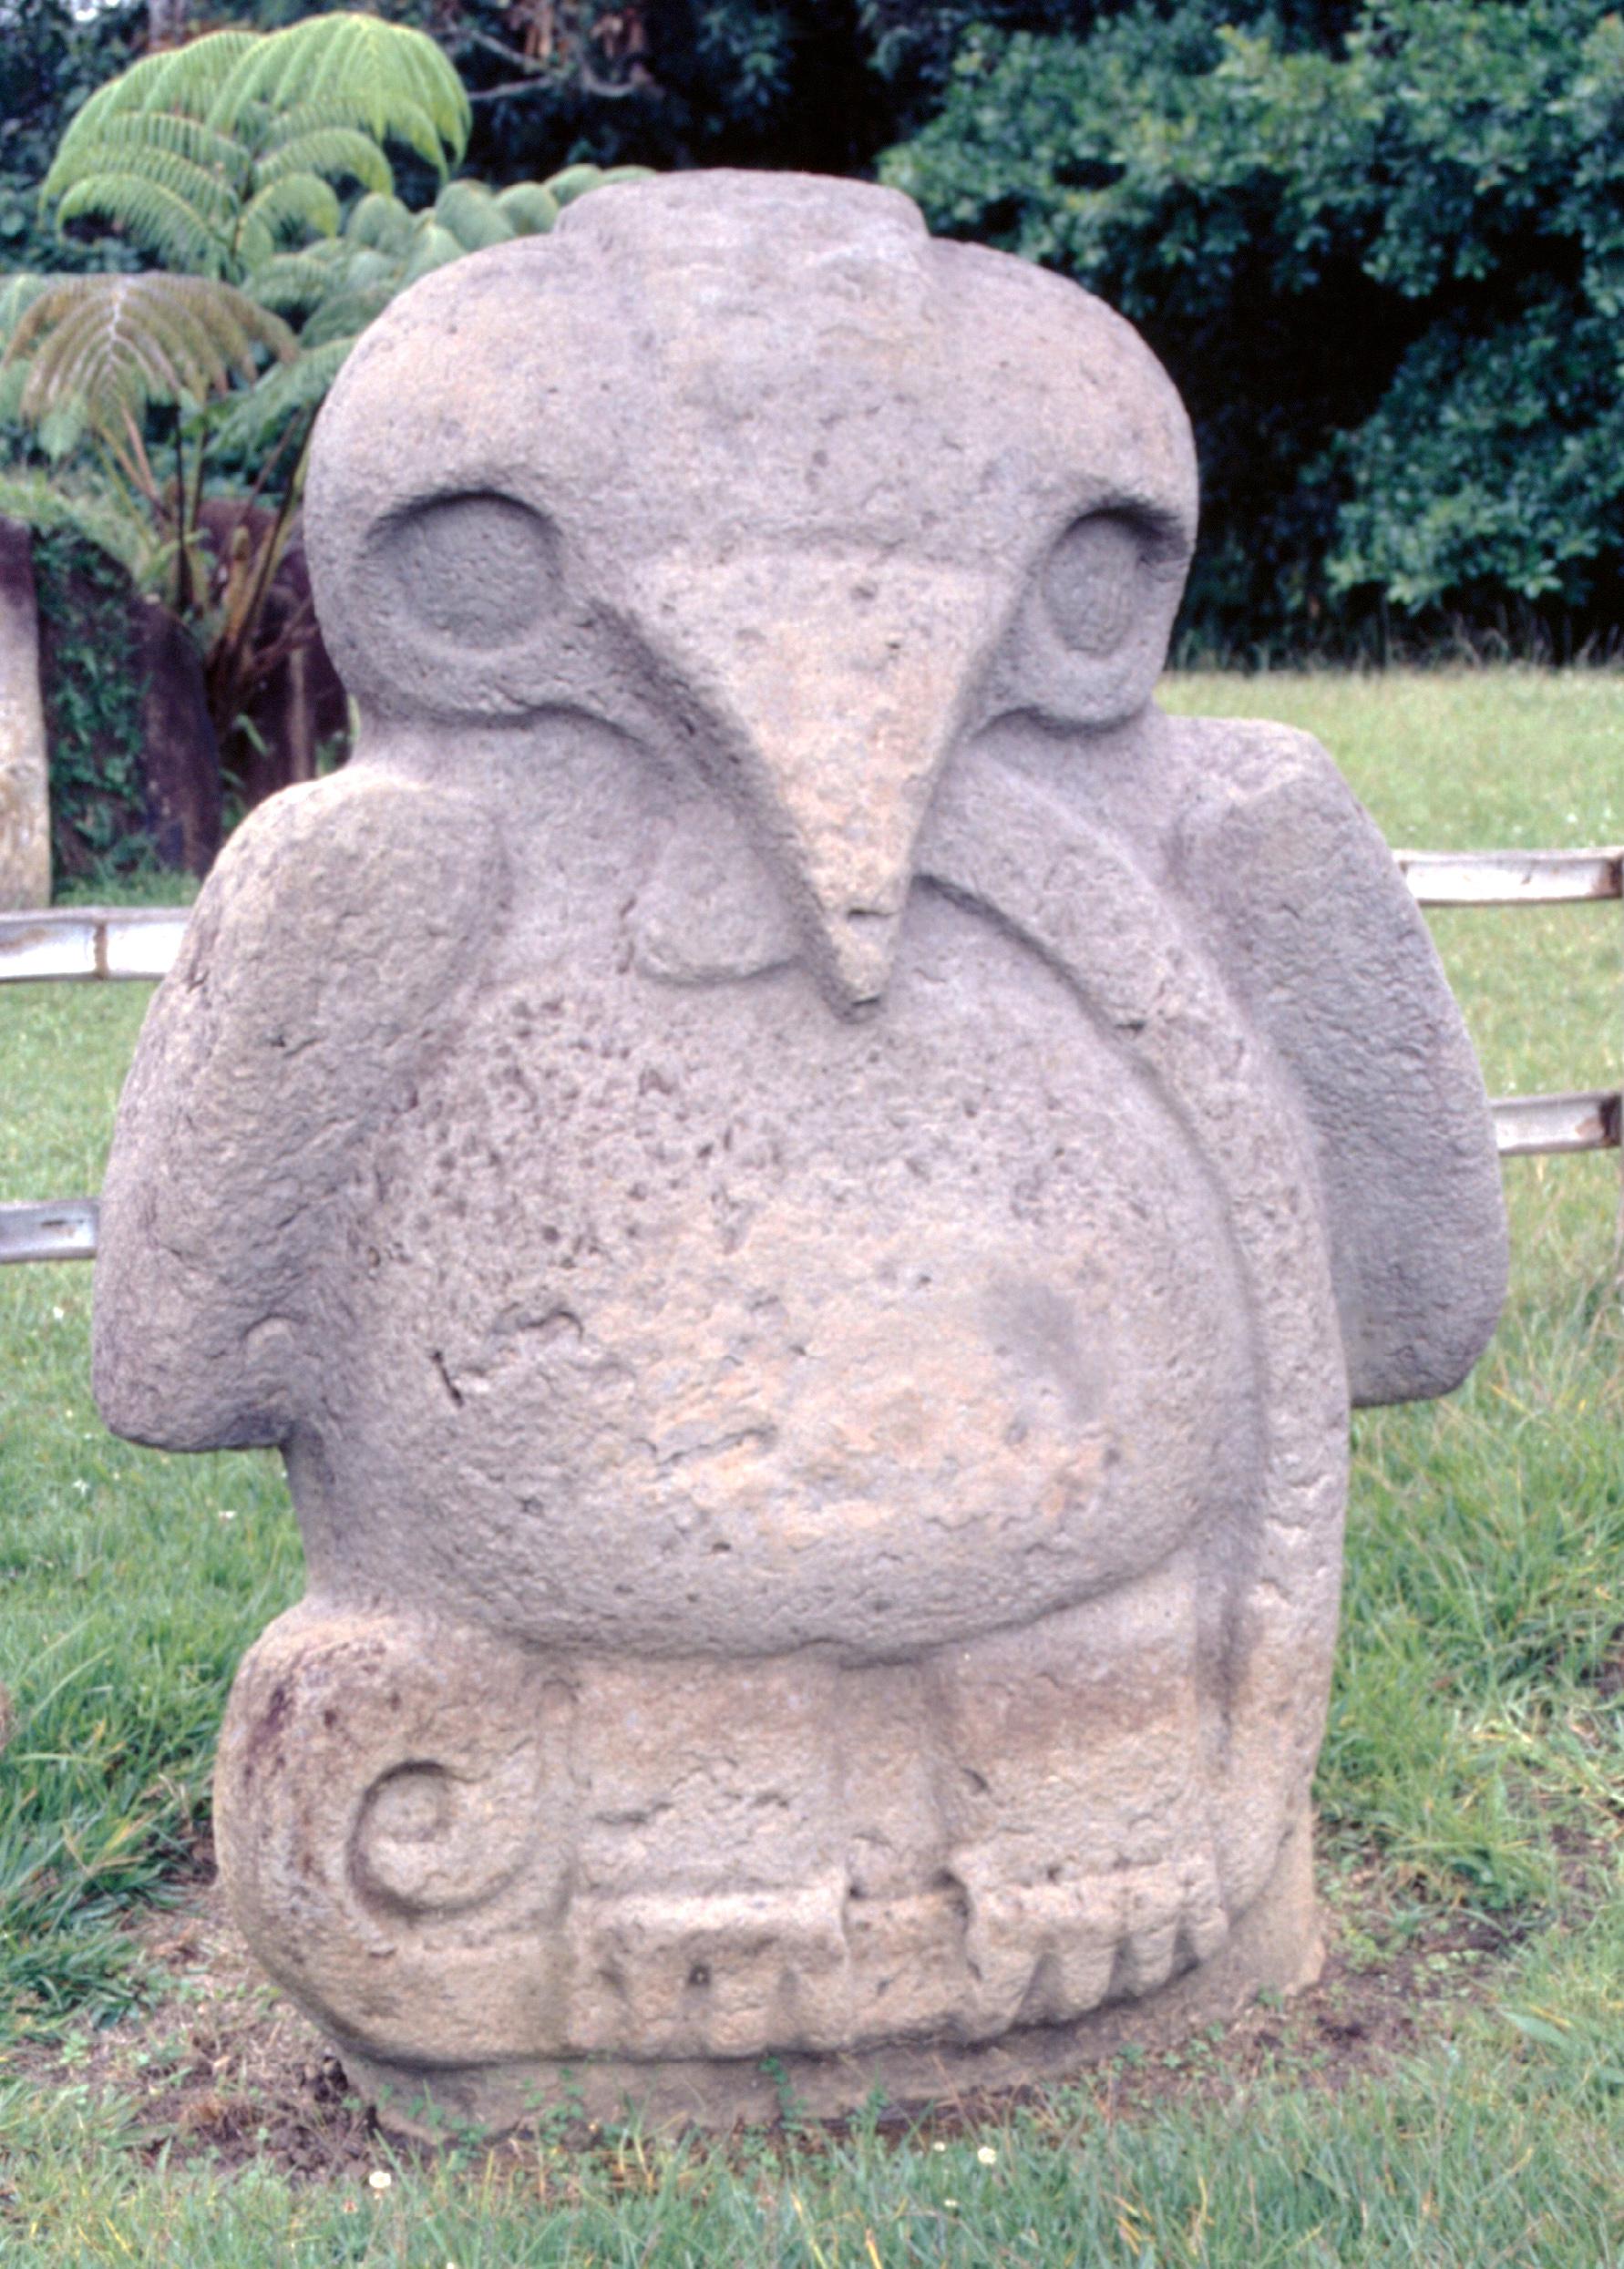 Cet aigle (ou condor ?) dévorant un serpent a été sculpté plusieurs fois à San Agustin ; c'est ce même symbole qui a été repris par les Indiens Mexicas (Aztèques) beaucoup plus tard et qui figure aujourd'hui sur le drapeau du Mexique.